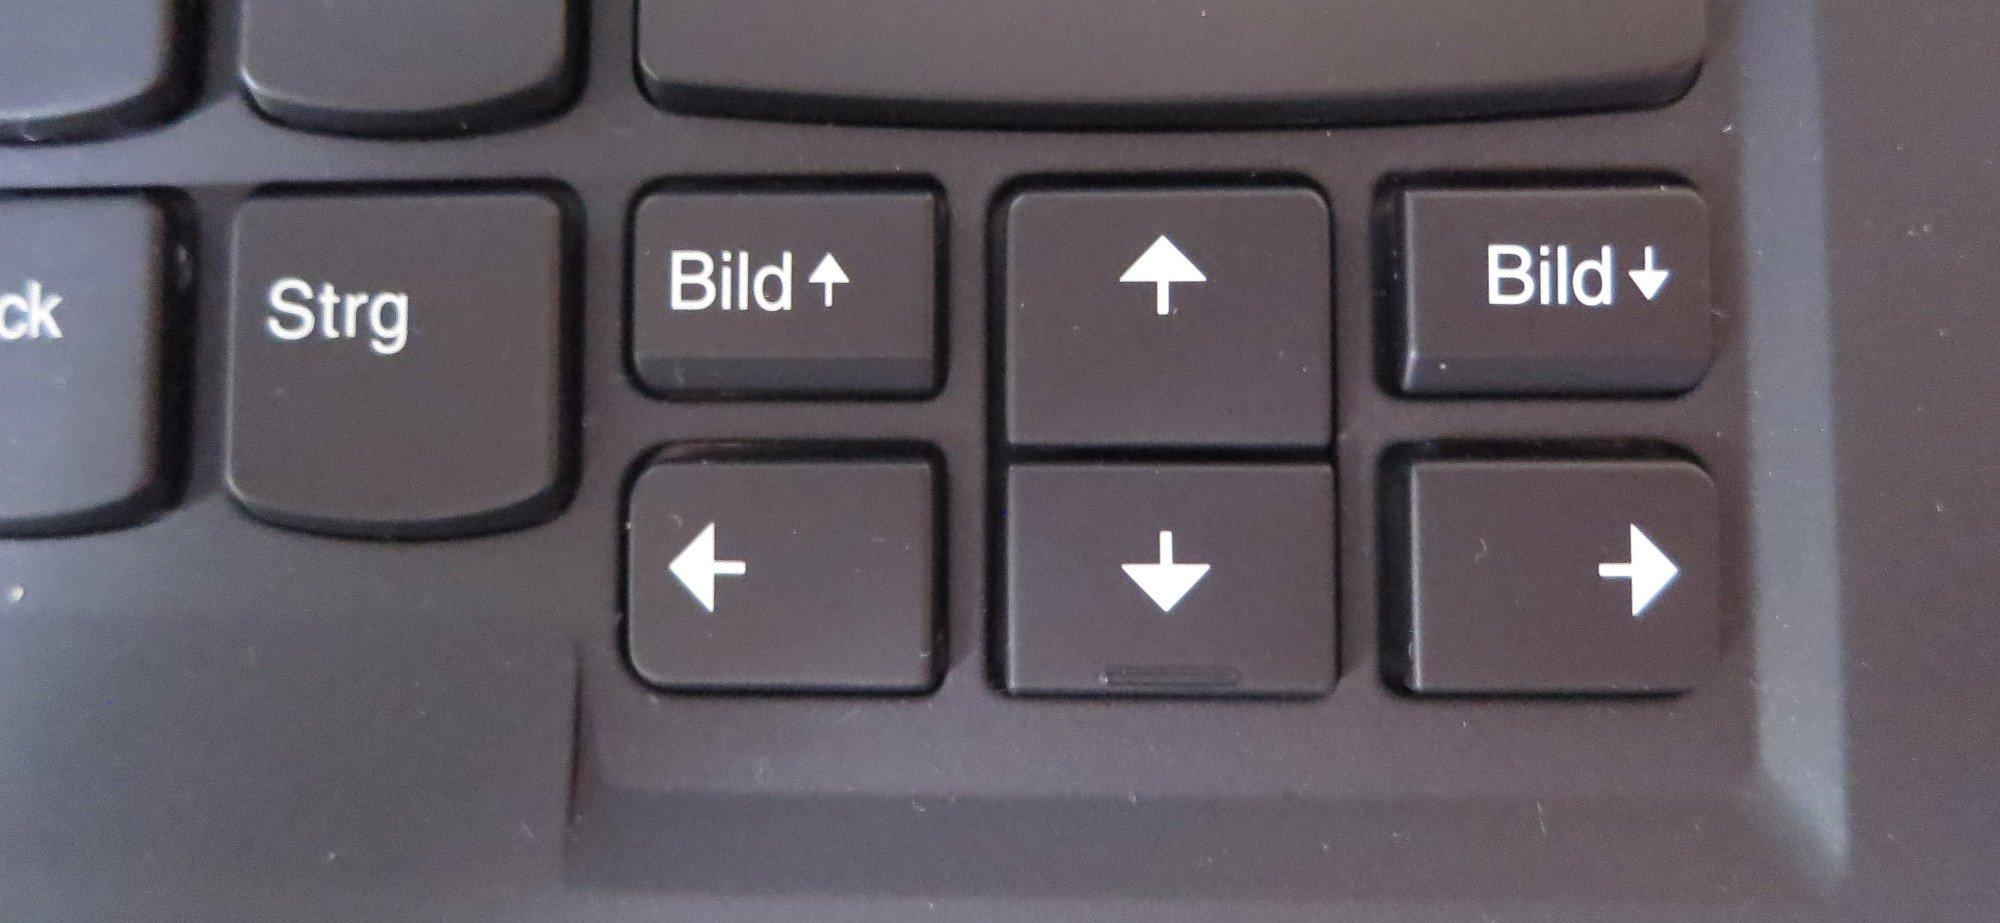 Löblich: Bild hoch und Bild runter befinden sich beim Lenovo Thinkpad X1 Carbon nicht in der Zweitbelegung (Bild: Peter Giesecke)